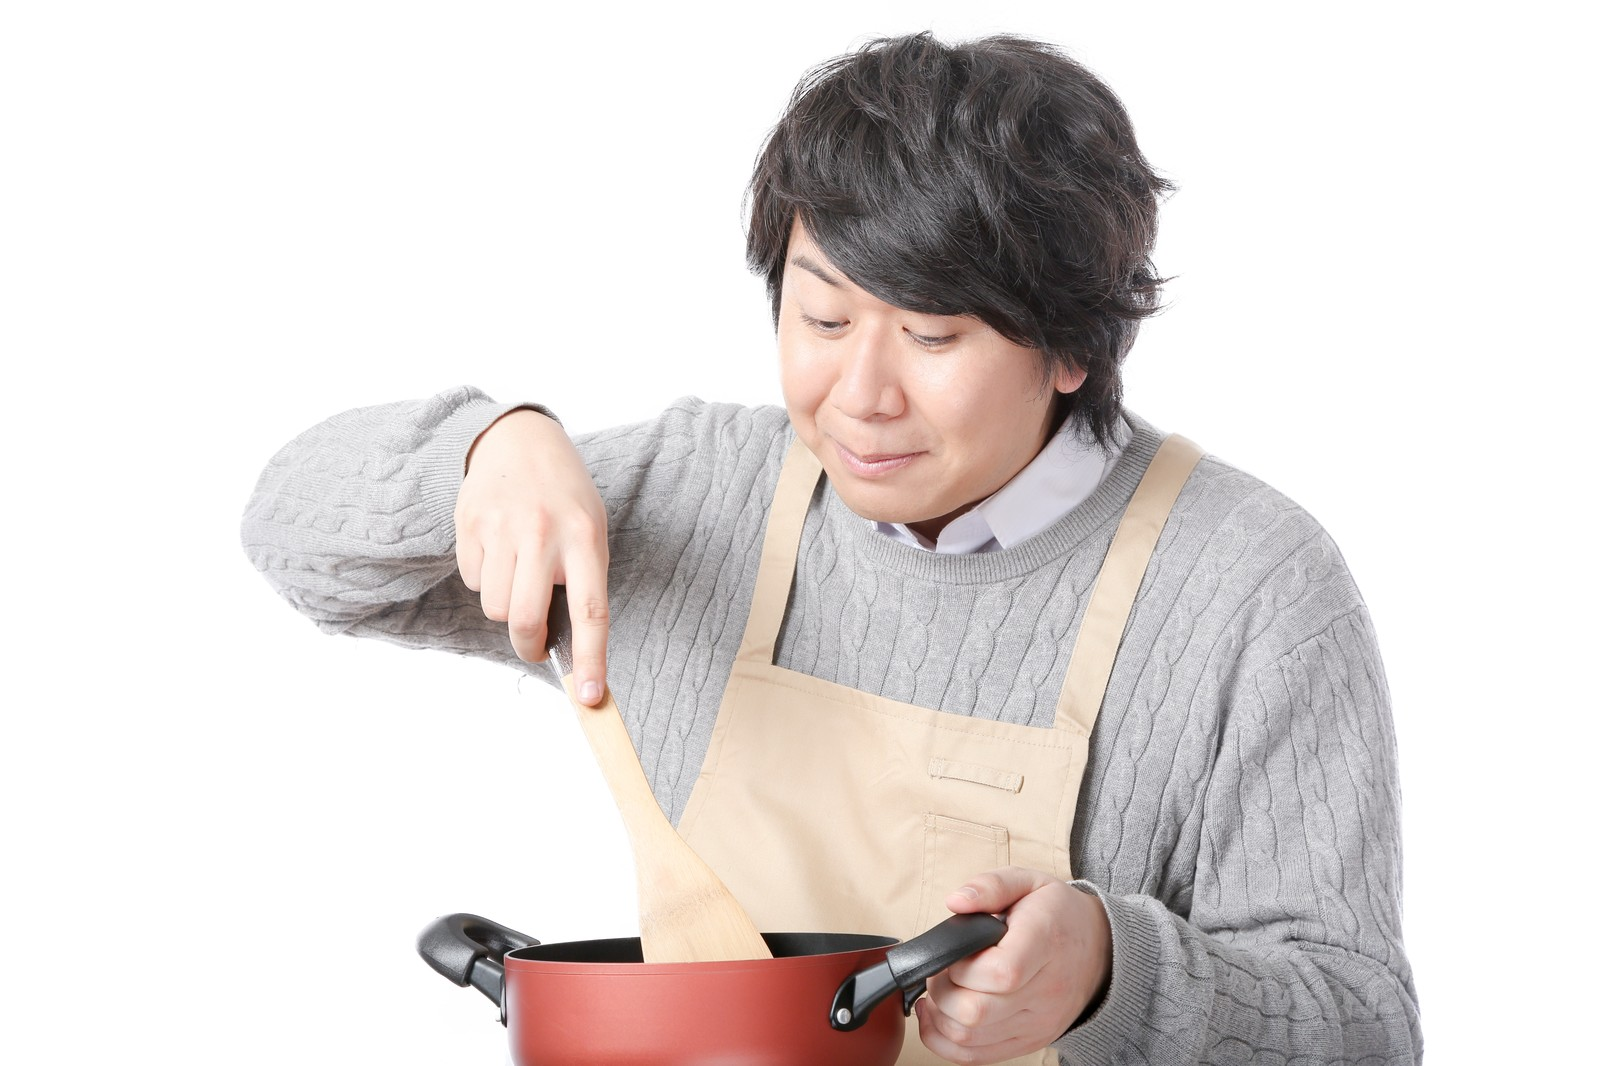 「鍋に入ったスープをかき混ぜる料理研究家」の写真[モデル:朽木誠一郎]